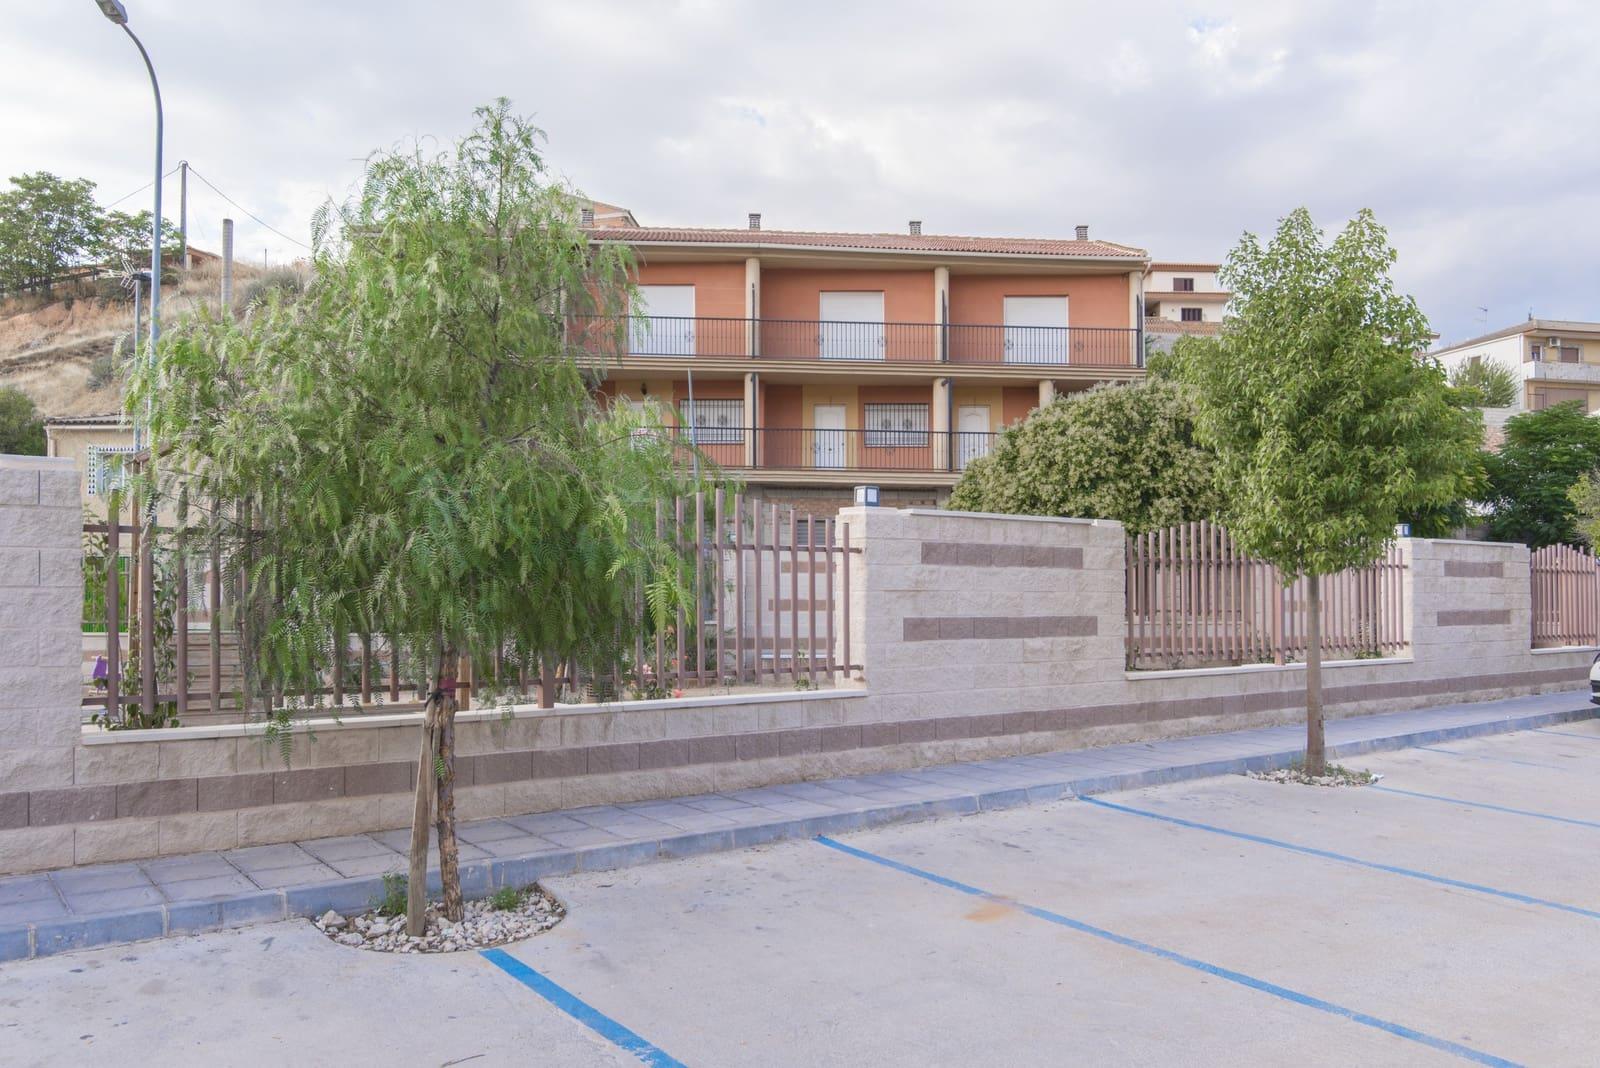 Piso de 3 habitaciones en Iznalloz en venta - 69.900 € (Ref: 5625045)